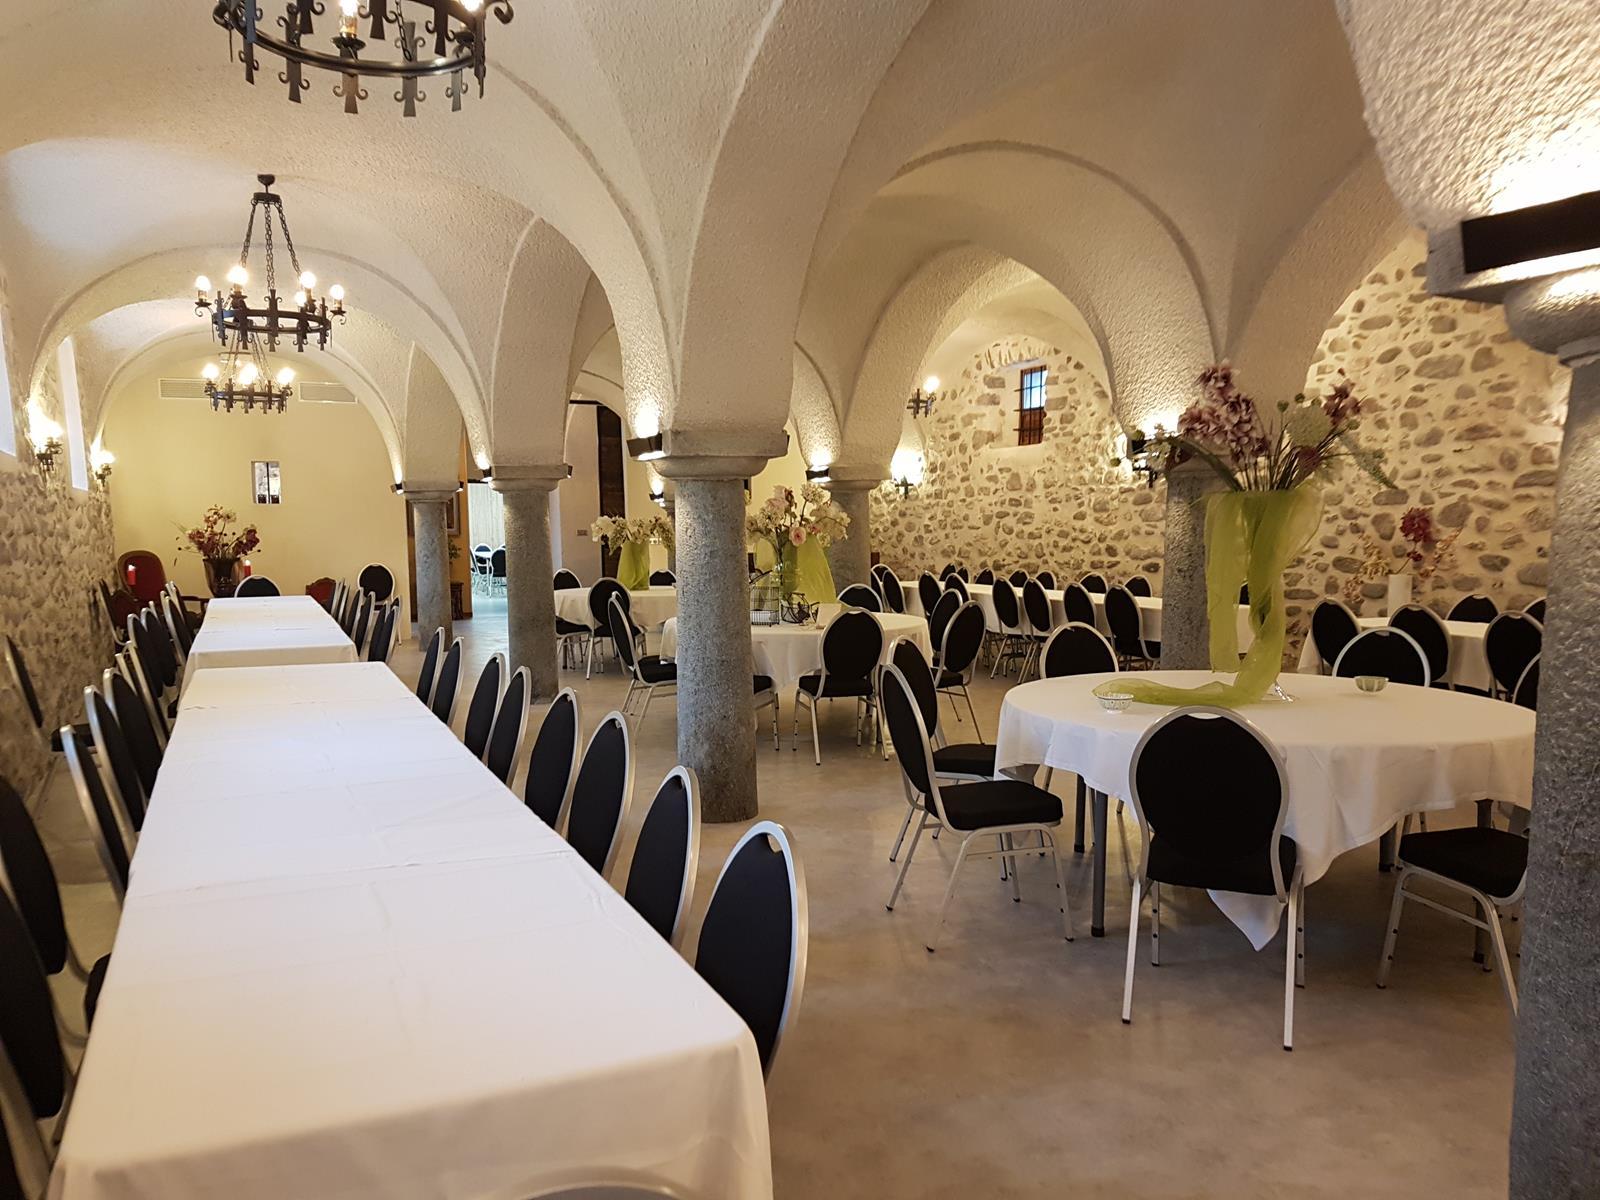 salle louis didier hôtel Saint-Georges Saint-Jean-de-Maurienne location de salle réception